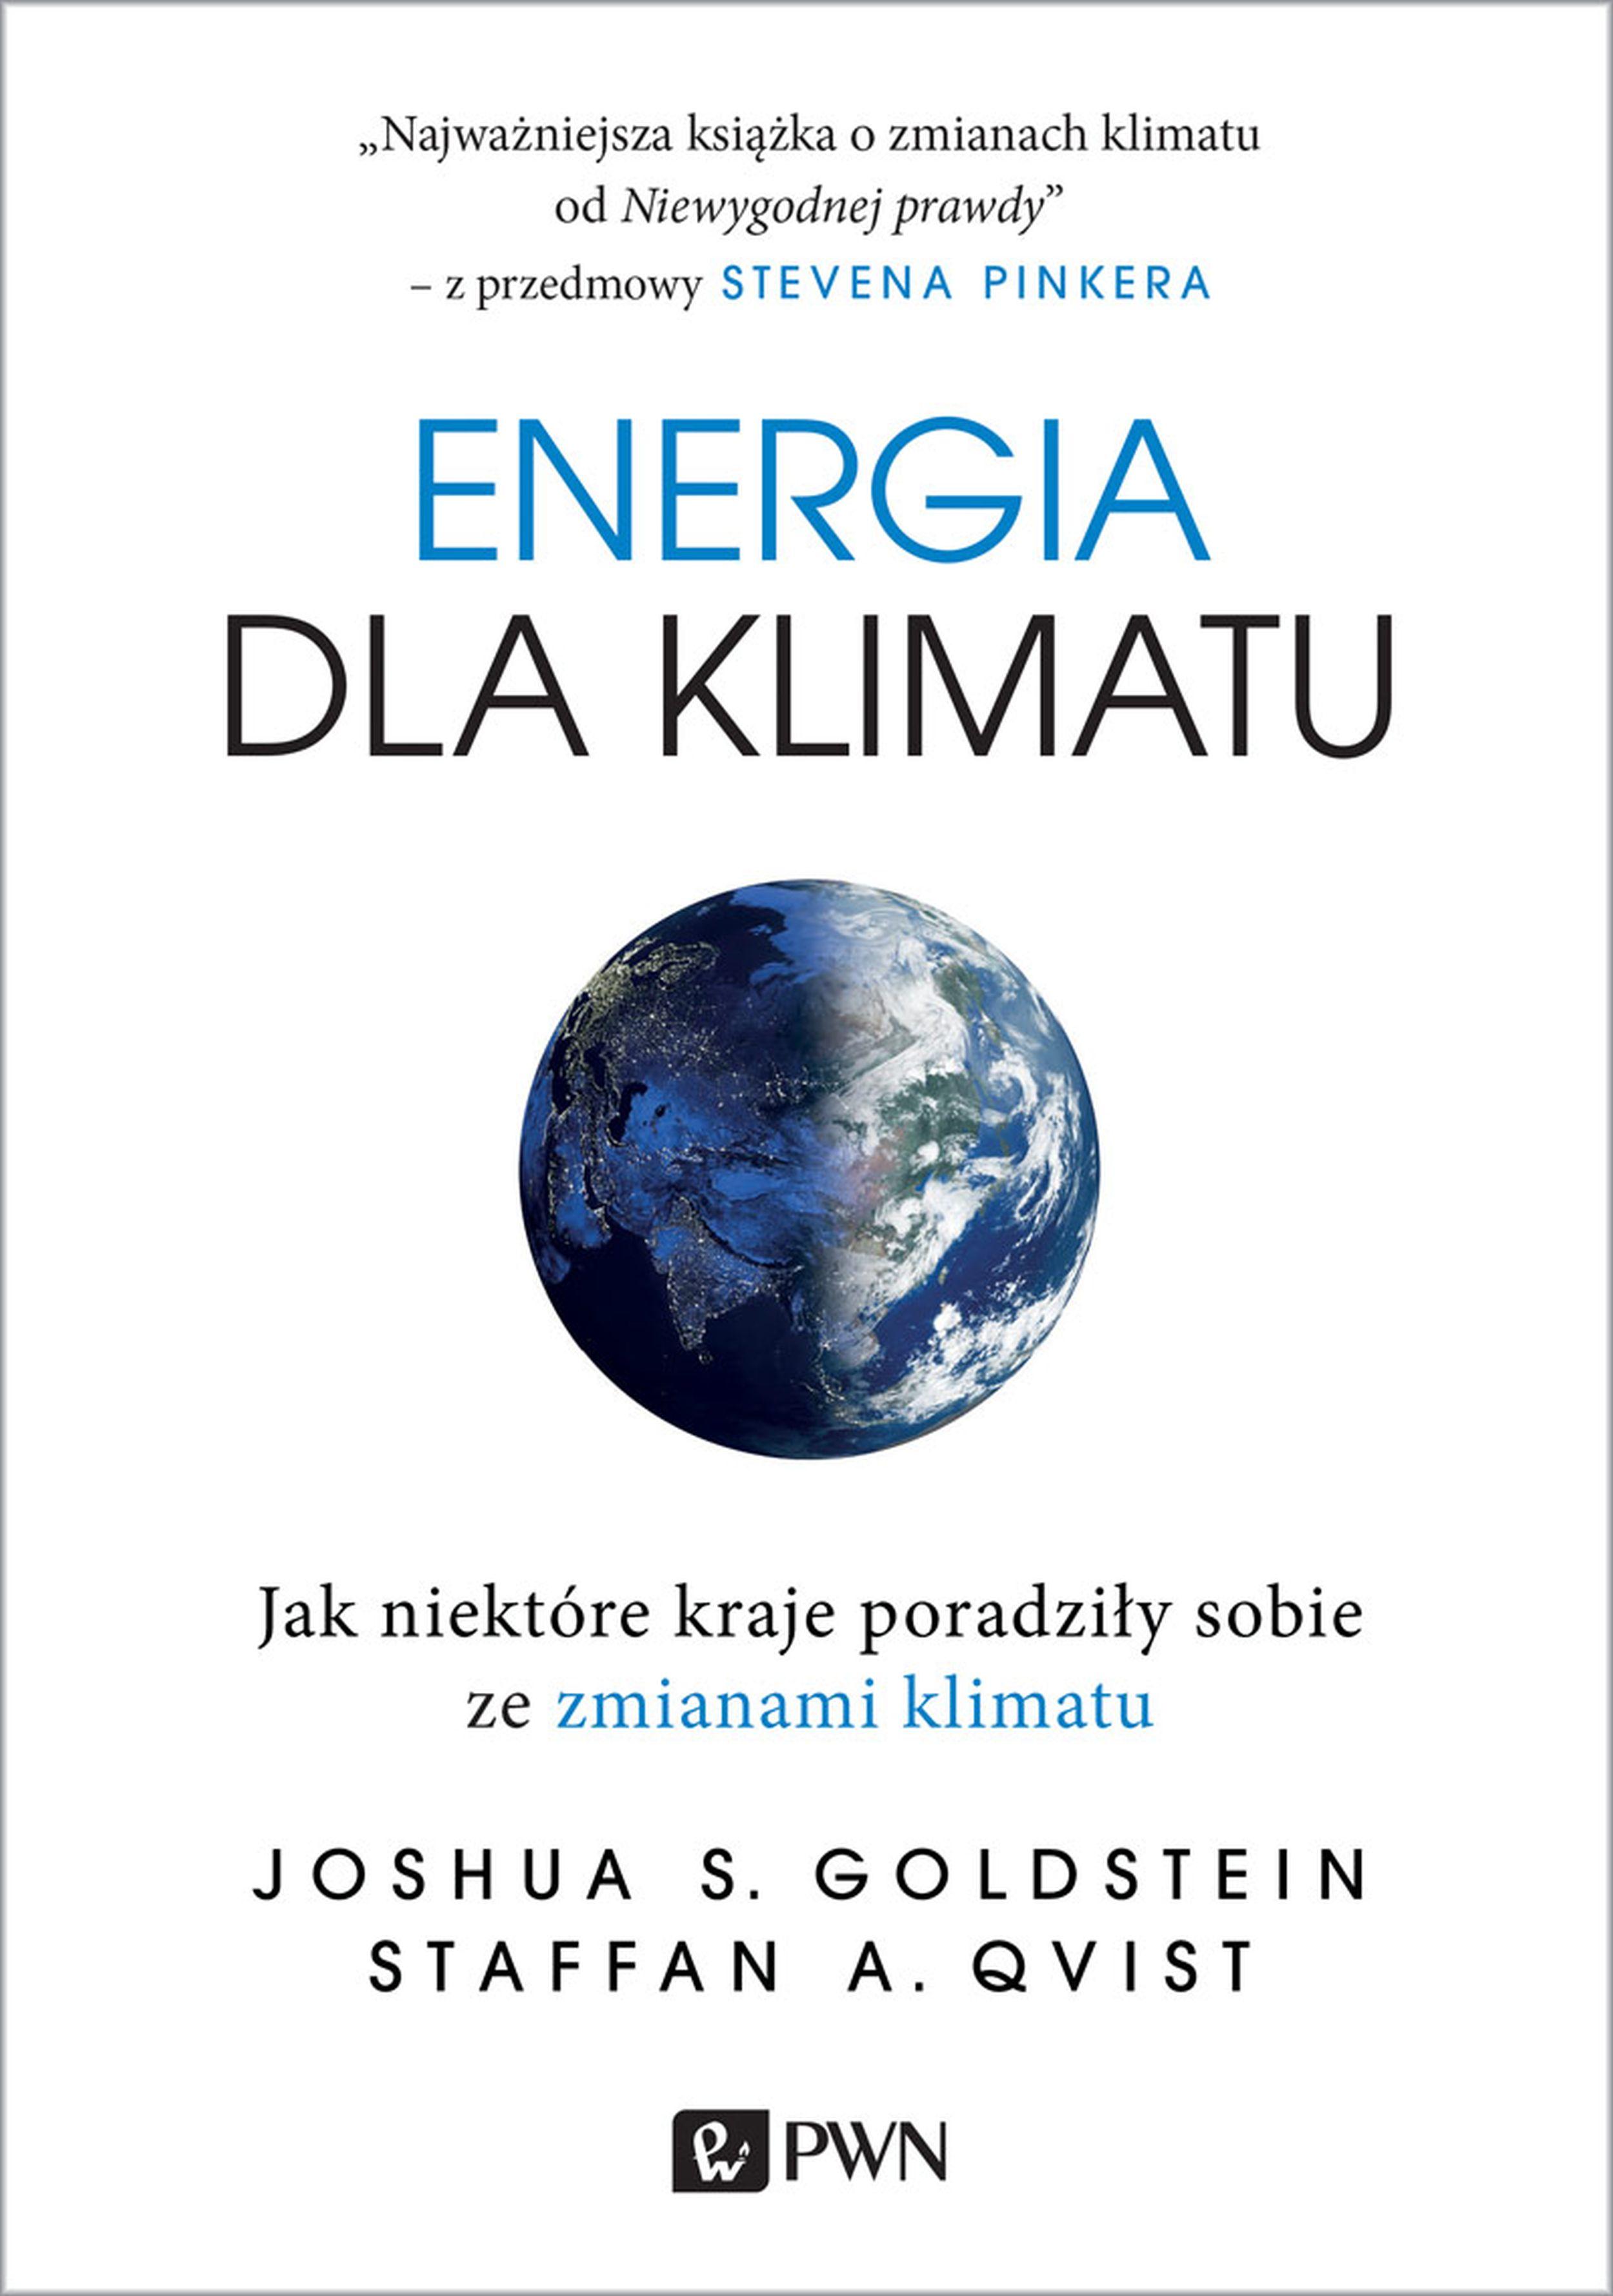 ENERGIA DLA KLIMATU JAK NIEKTÓ, JOSHUA S. GOLDSTEIN, STAFFAN A. QVIST